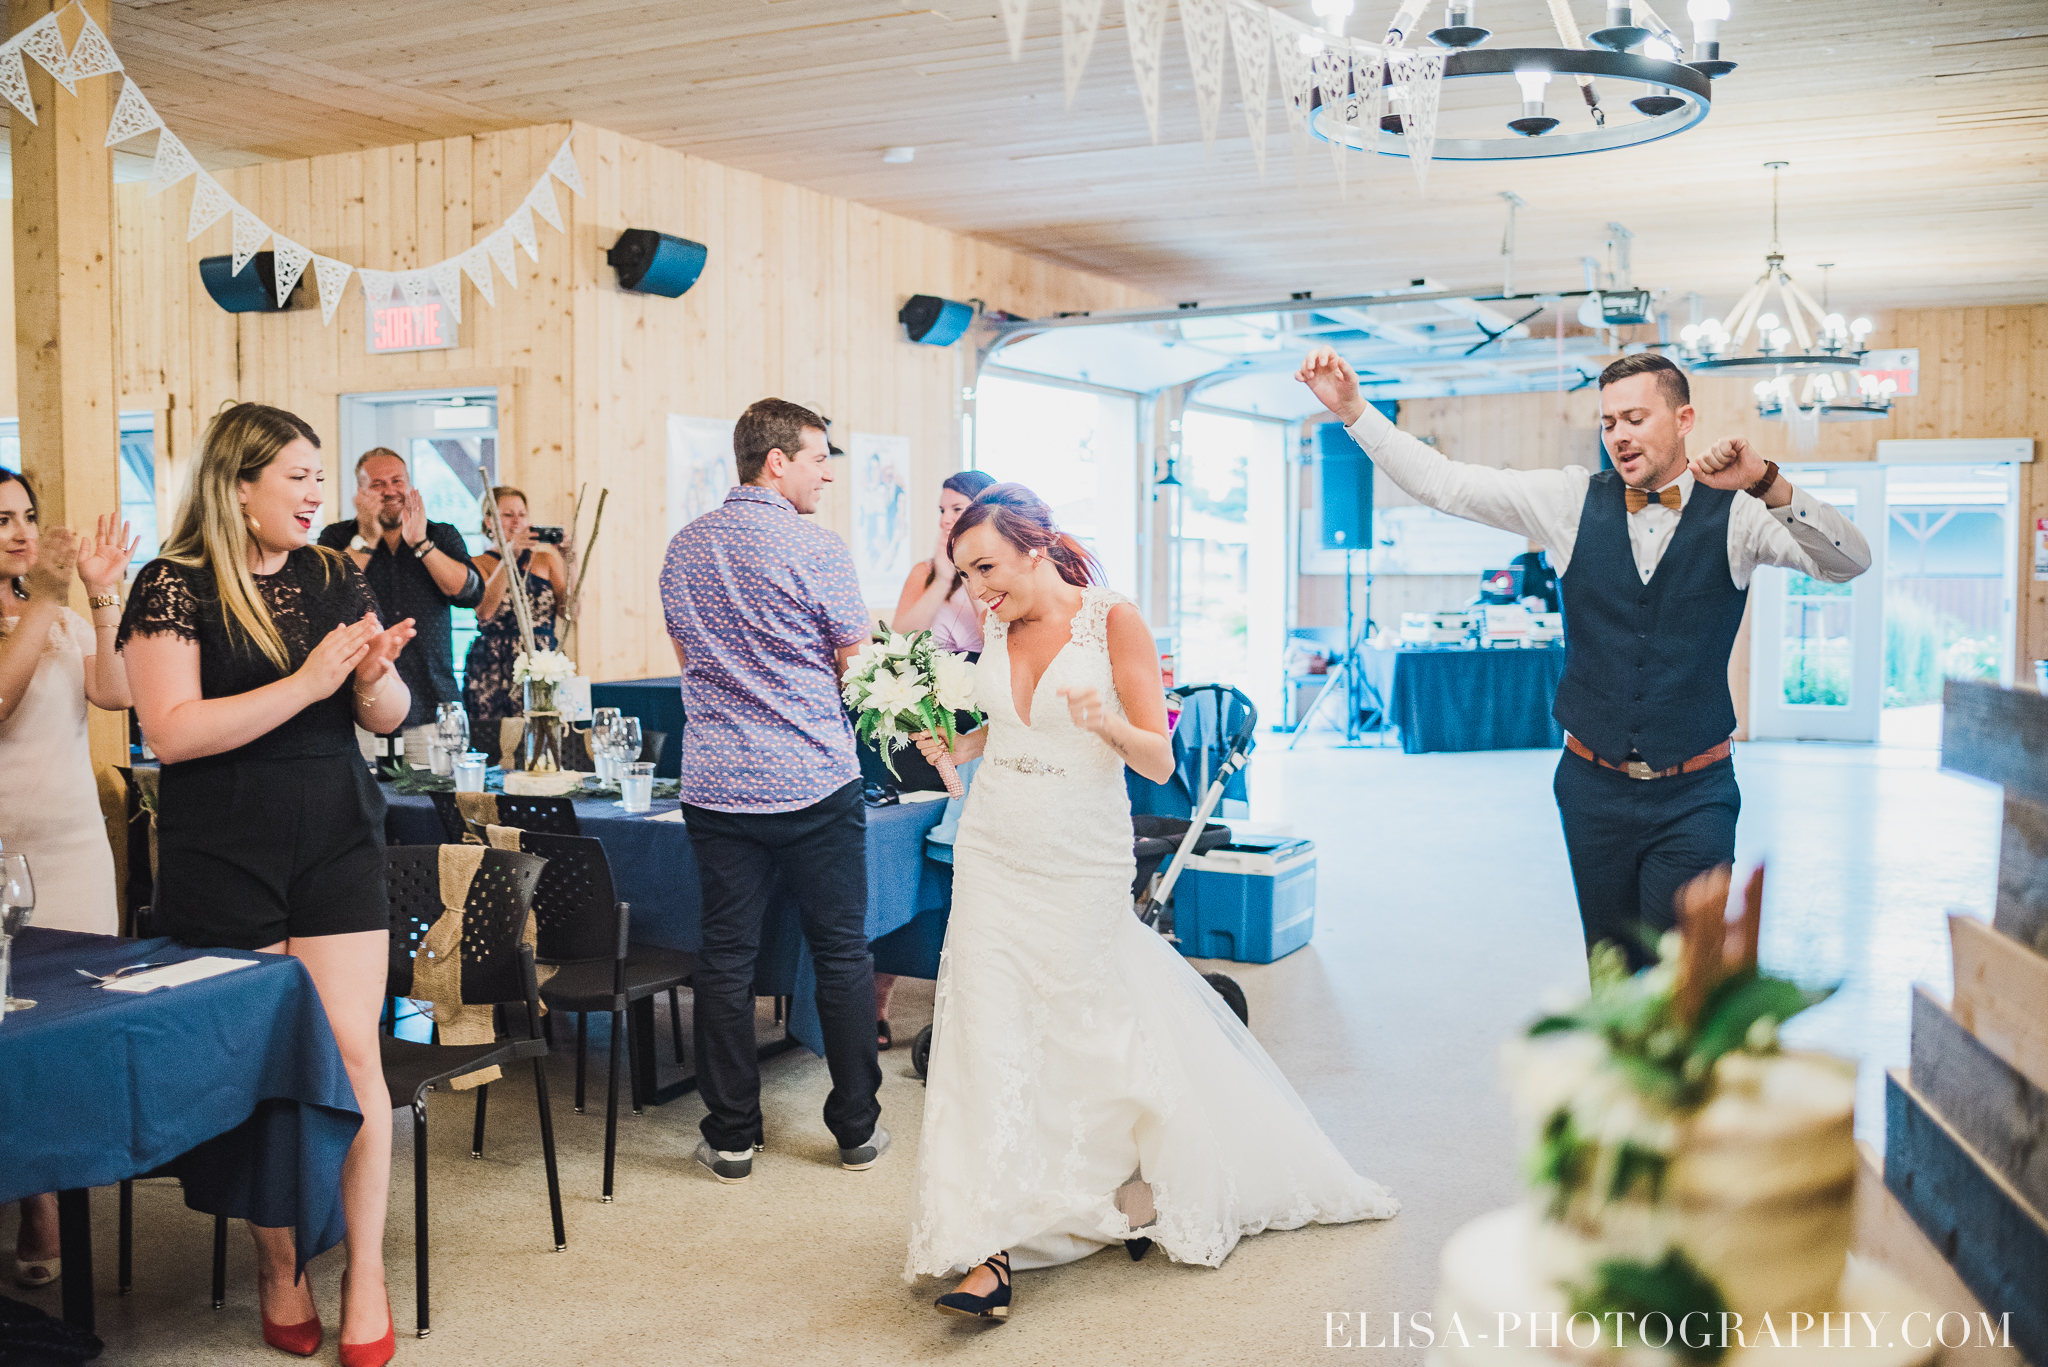 photo mariage ferme genest reception verger pommier quebec 2182 - Smoke bomb et mariage dans les vergers de la Ferme Genest à Saint-Nicolas